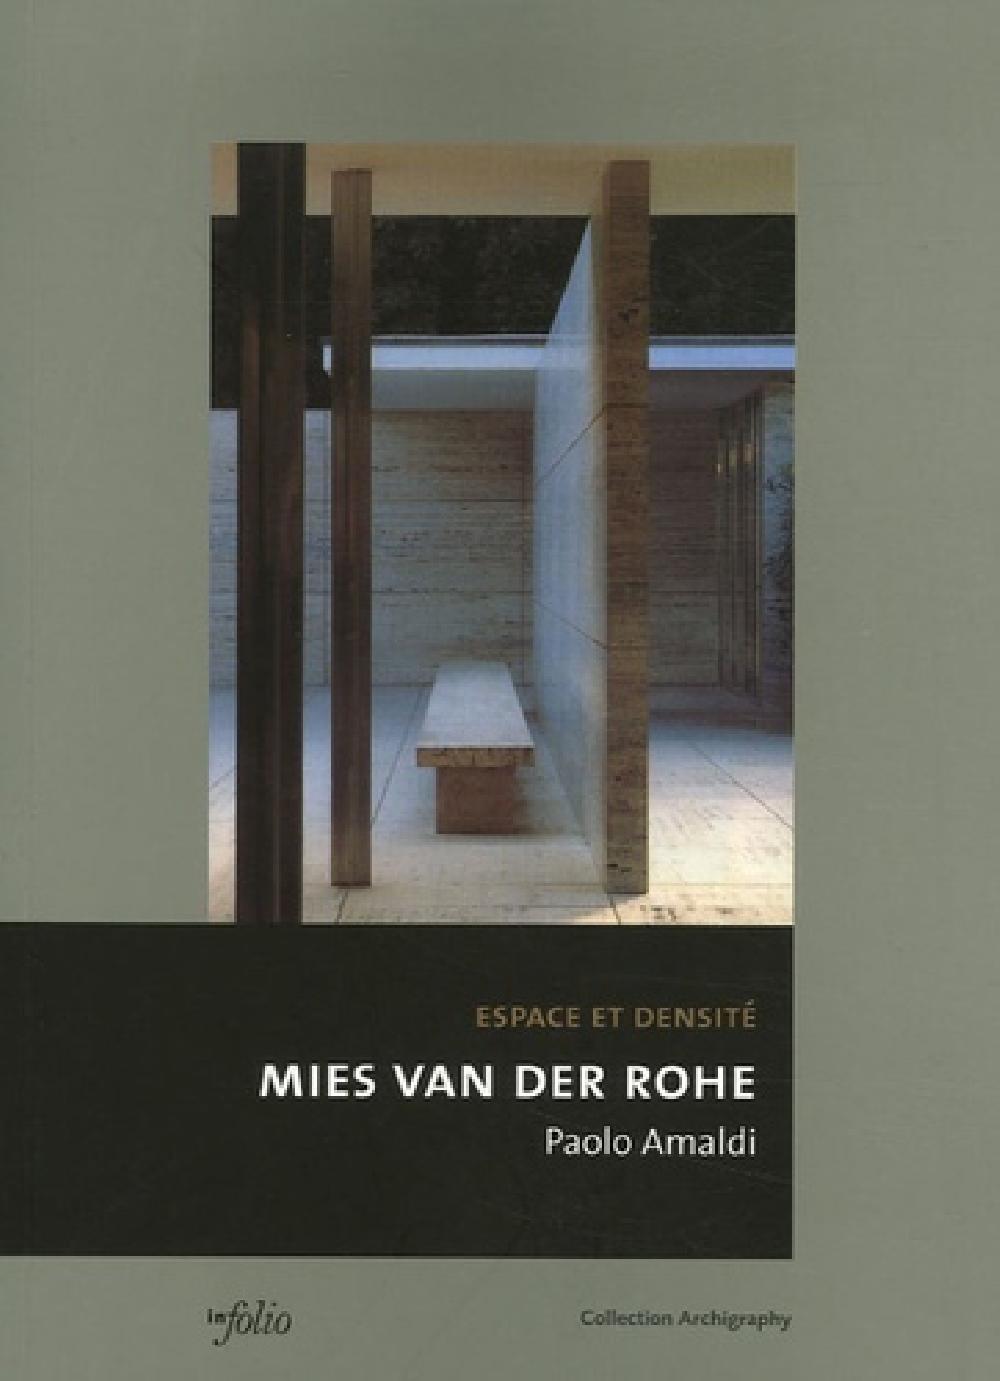 Mies van der Rohe ou la colonne interférente